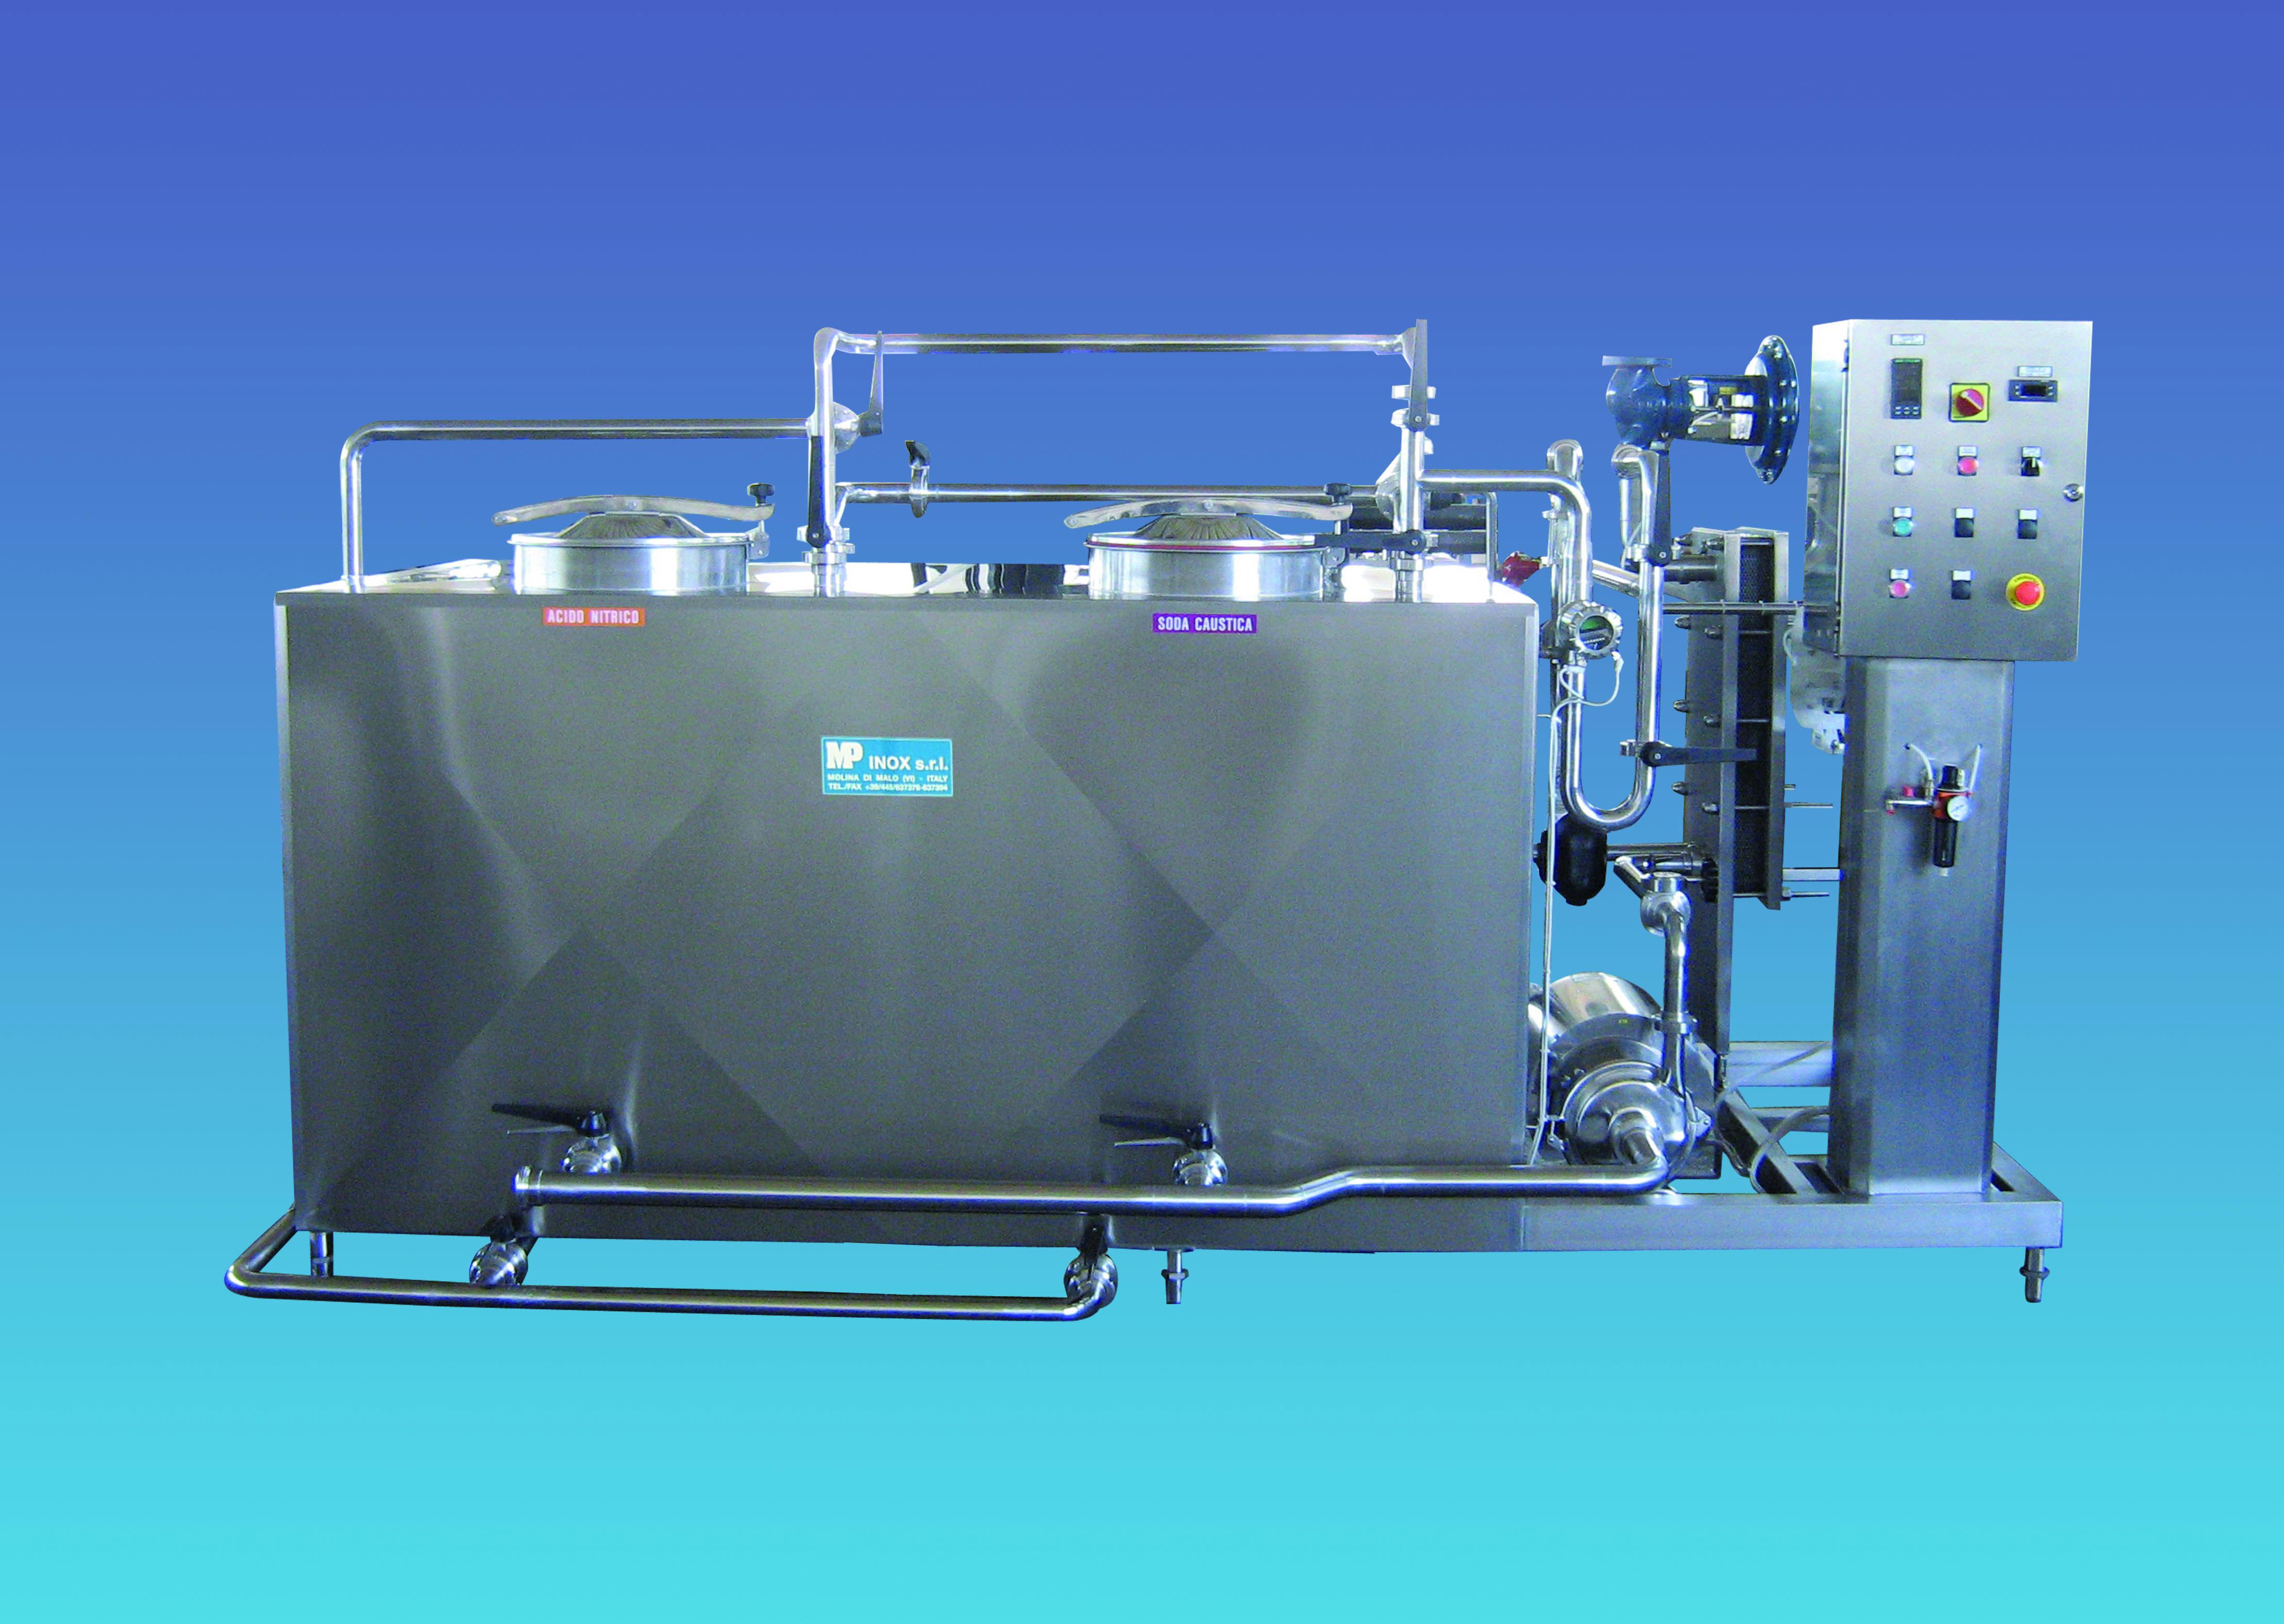 Impianto lavaggio CIP semiautomatico a 2 scomparti